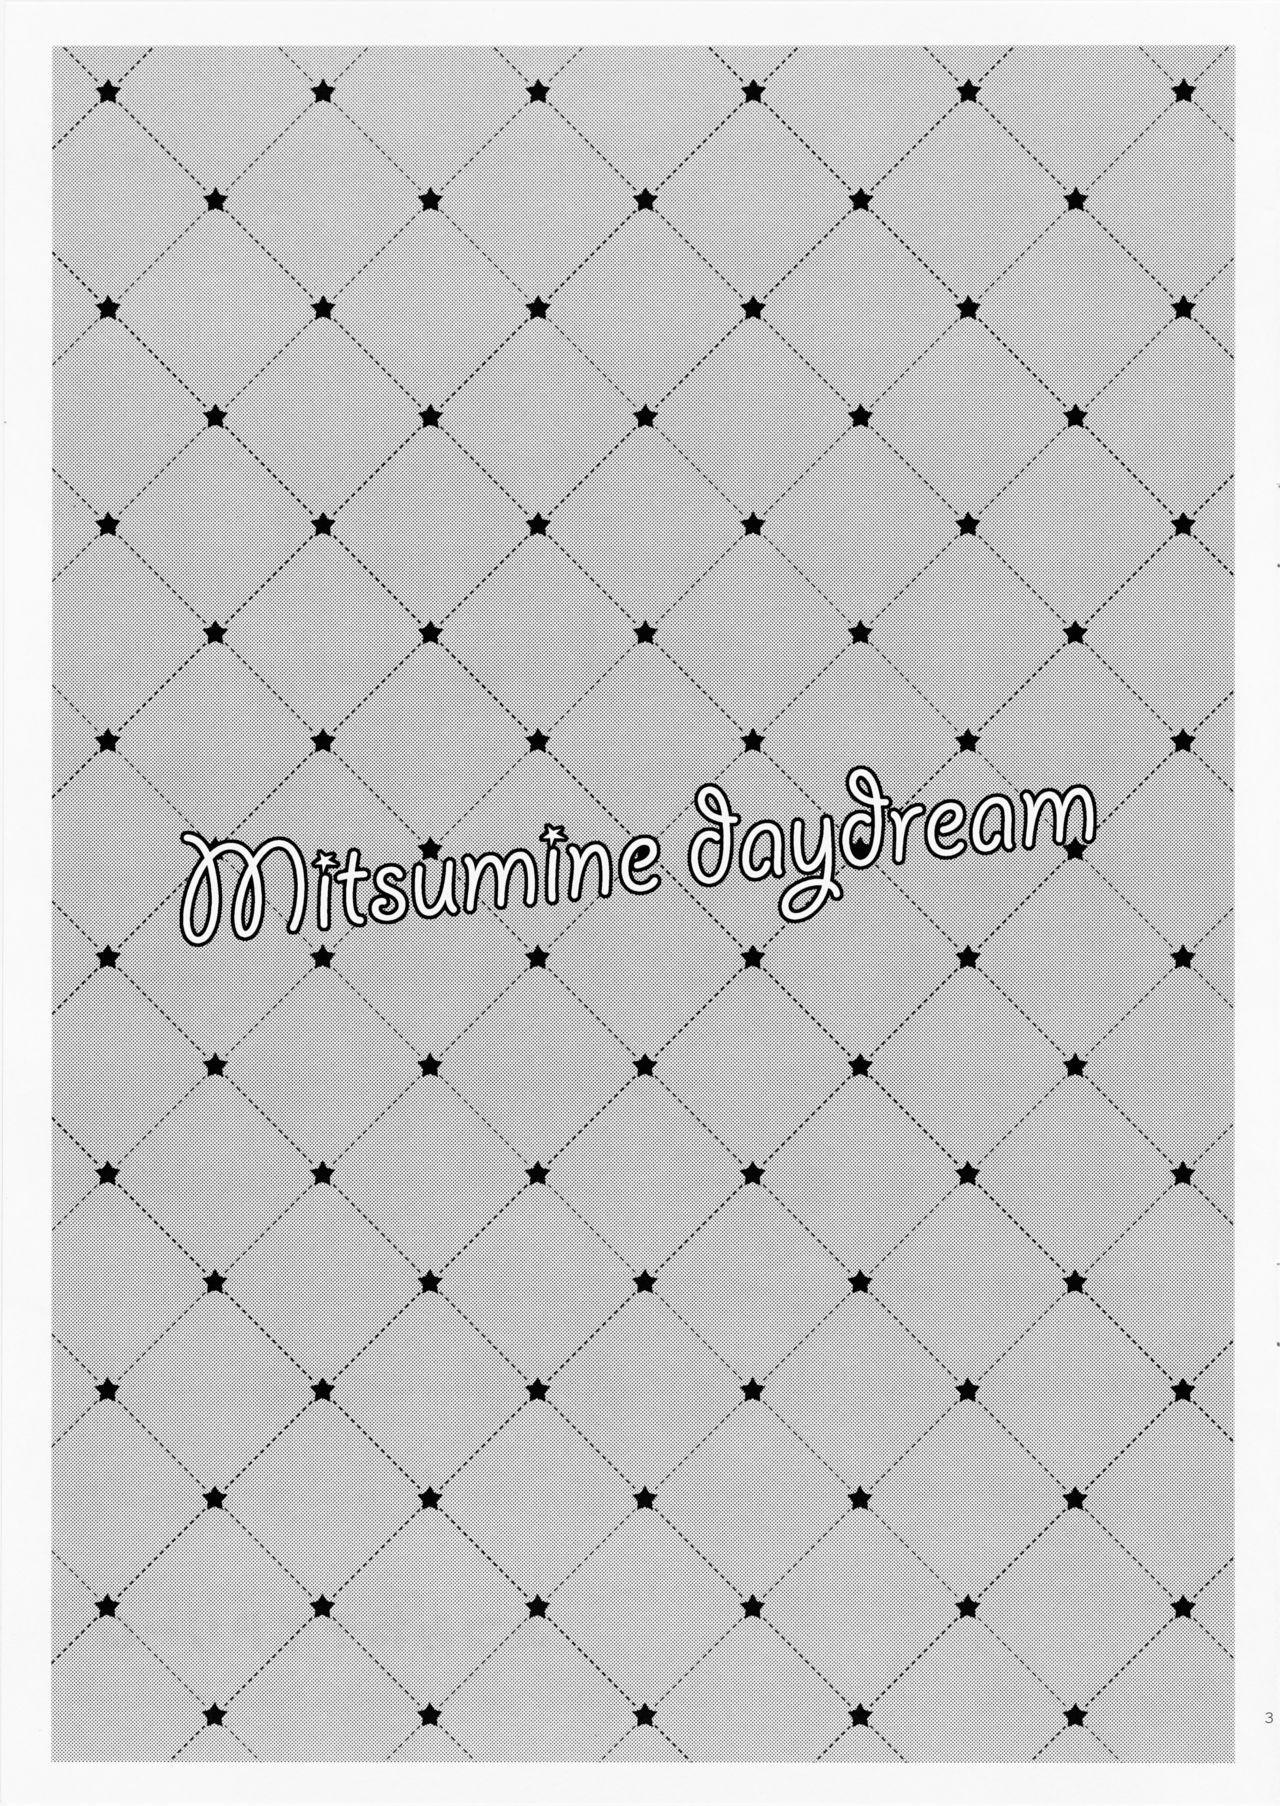 Mitsumine daydream 2